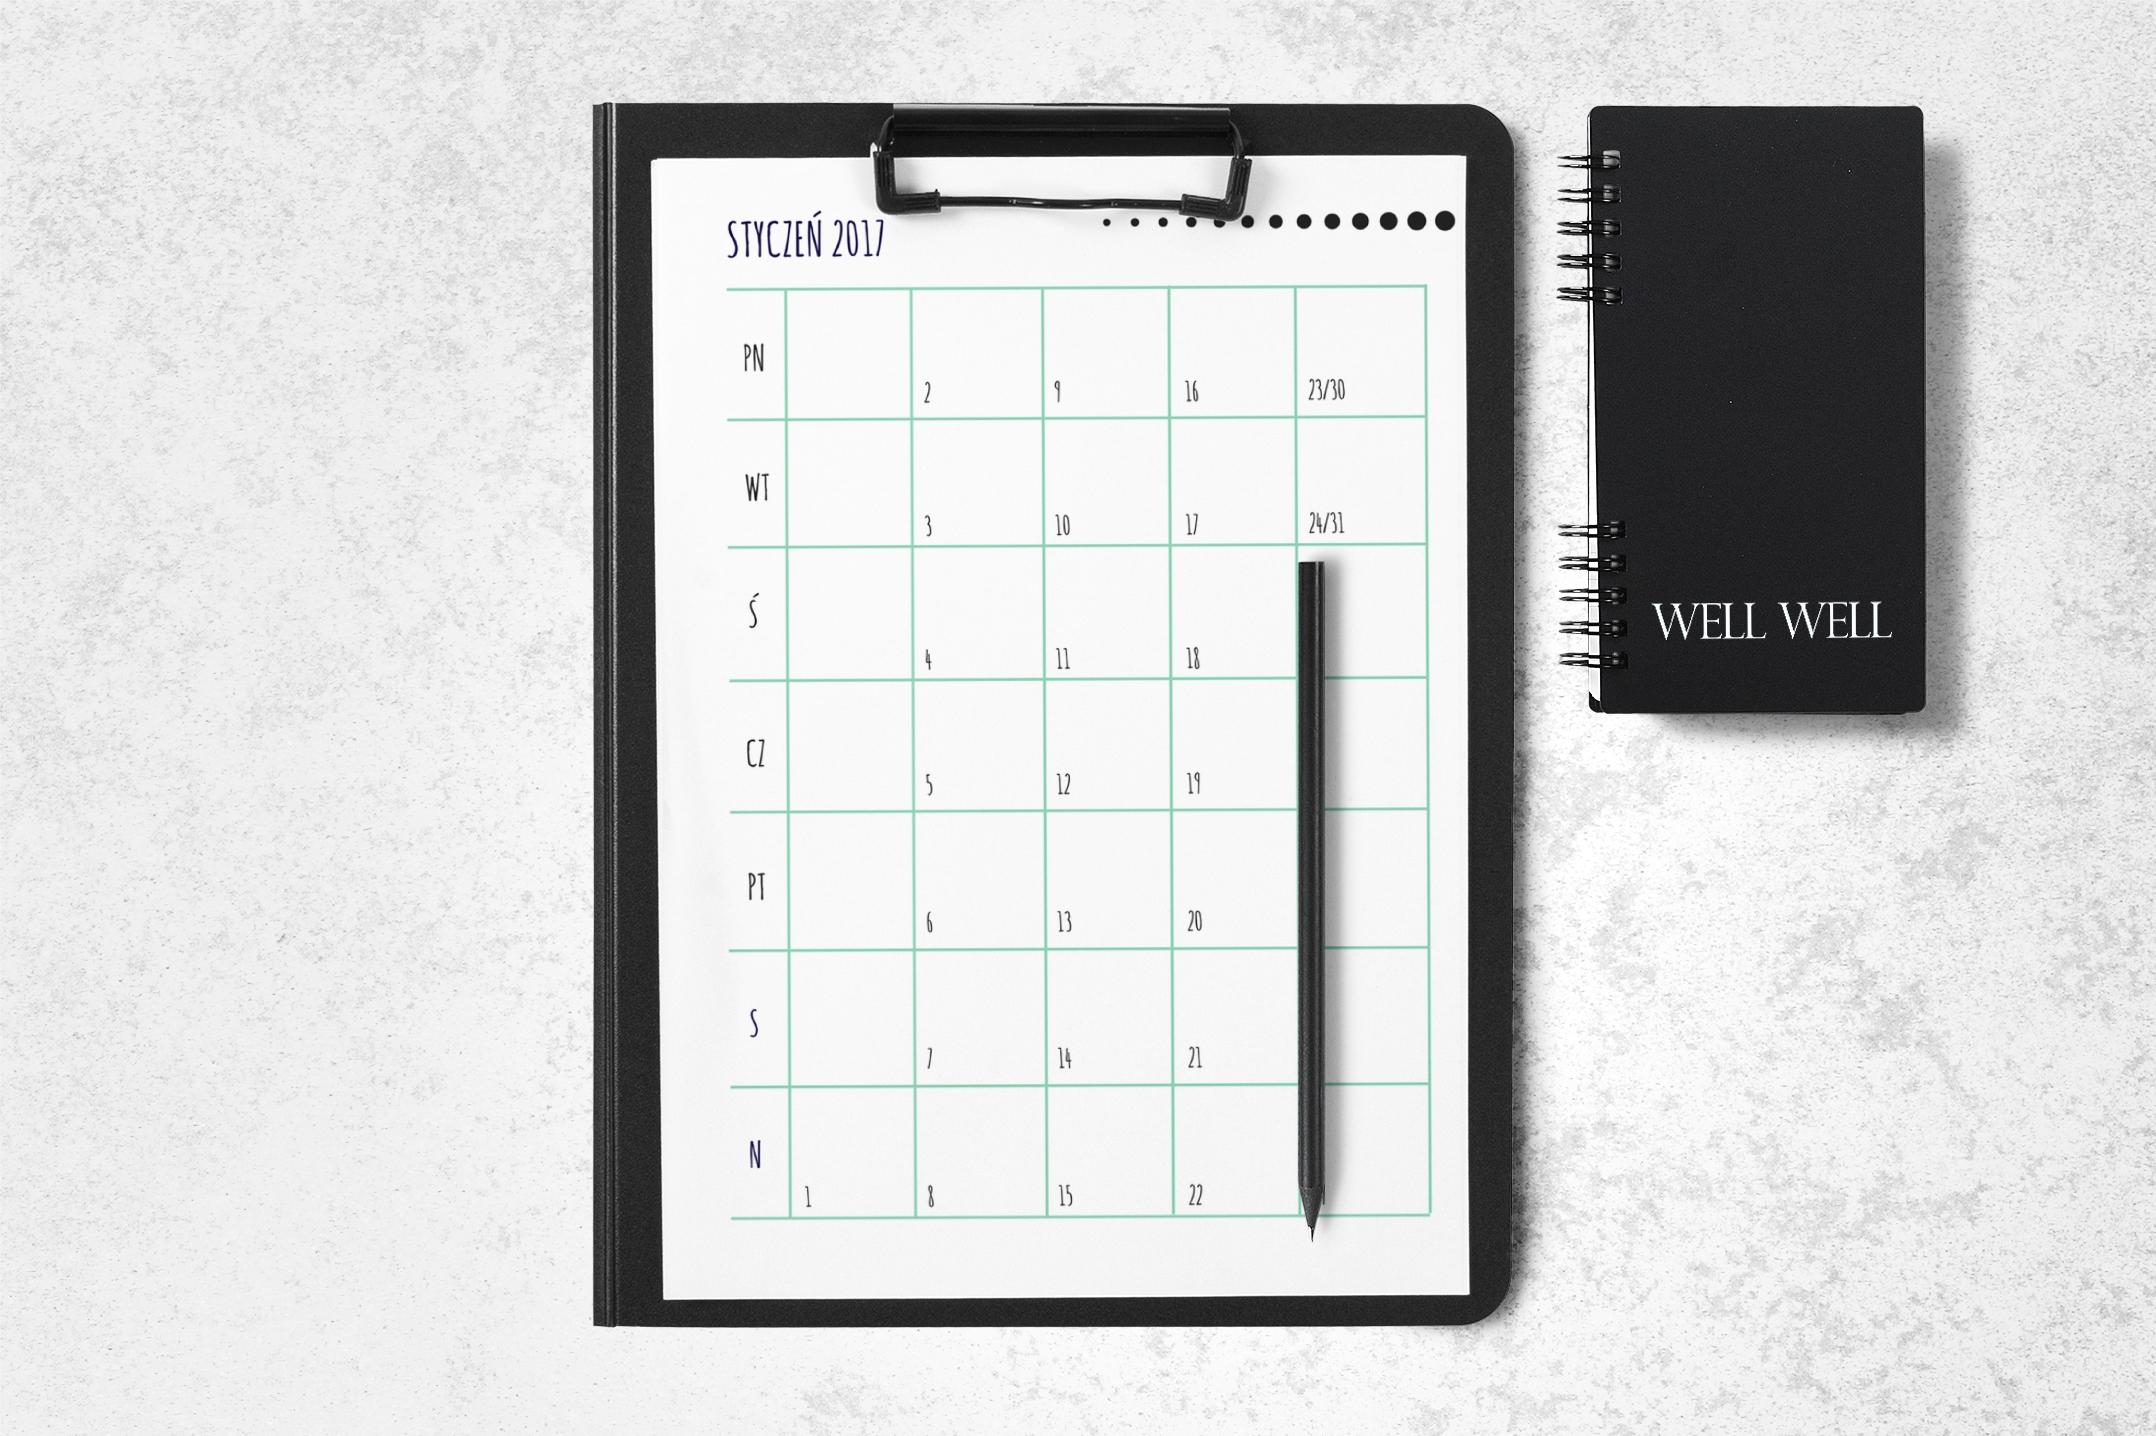 kalendarz-styczen-2017-do-druku